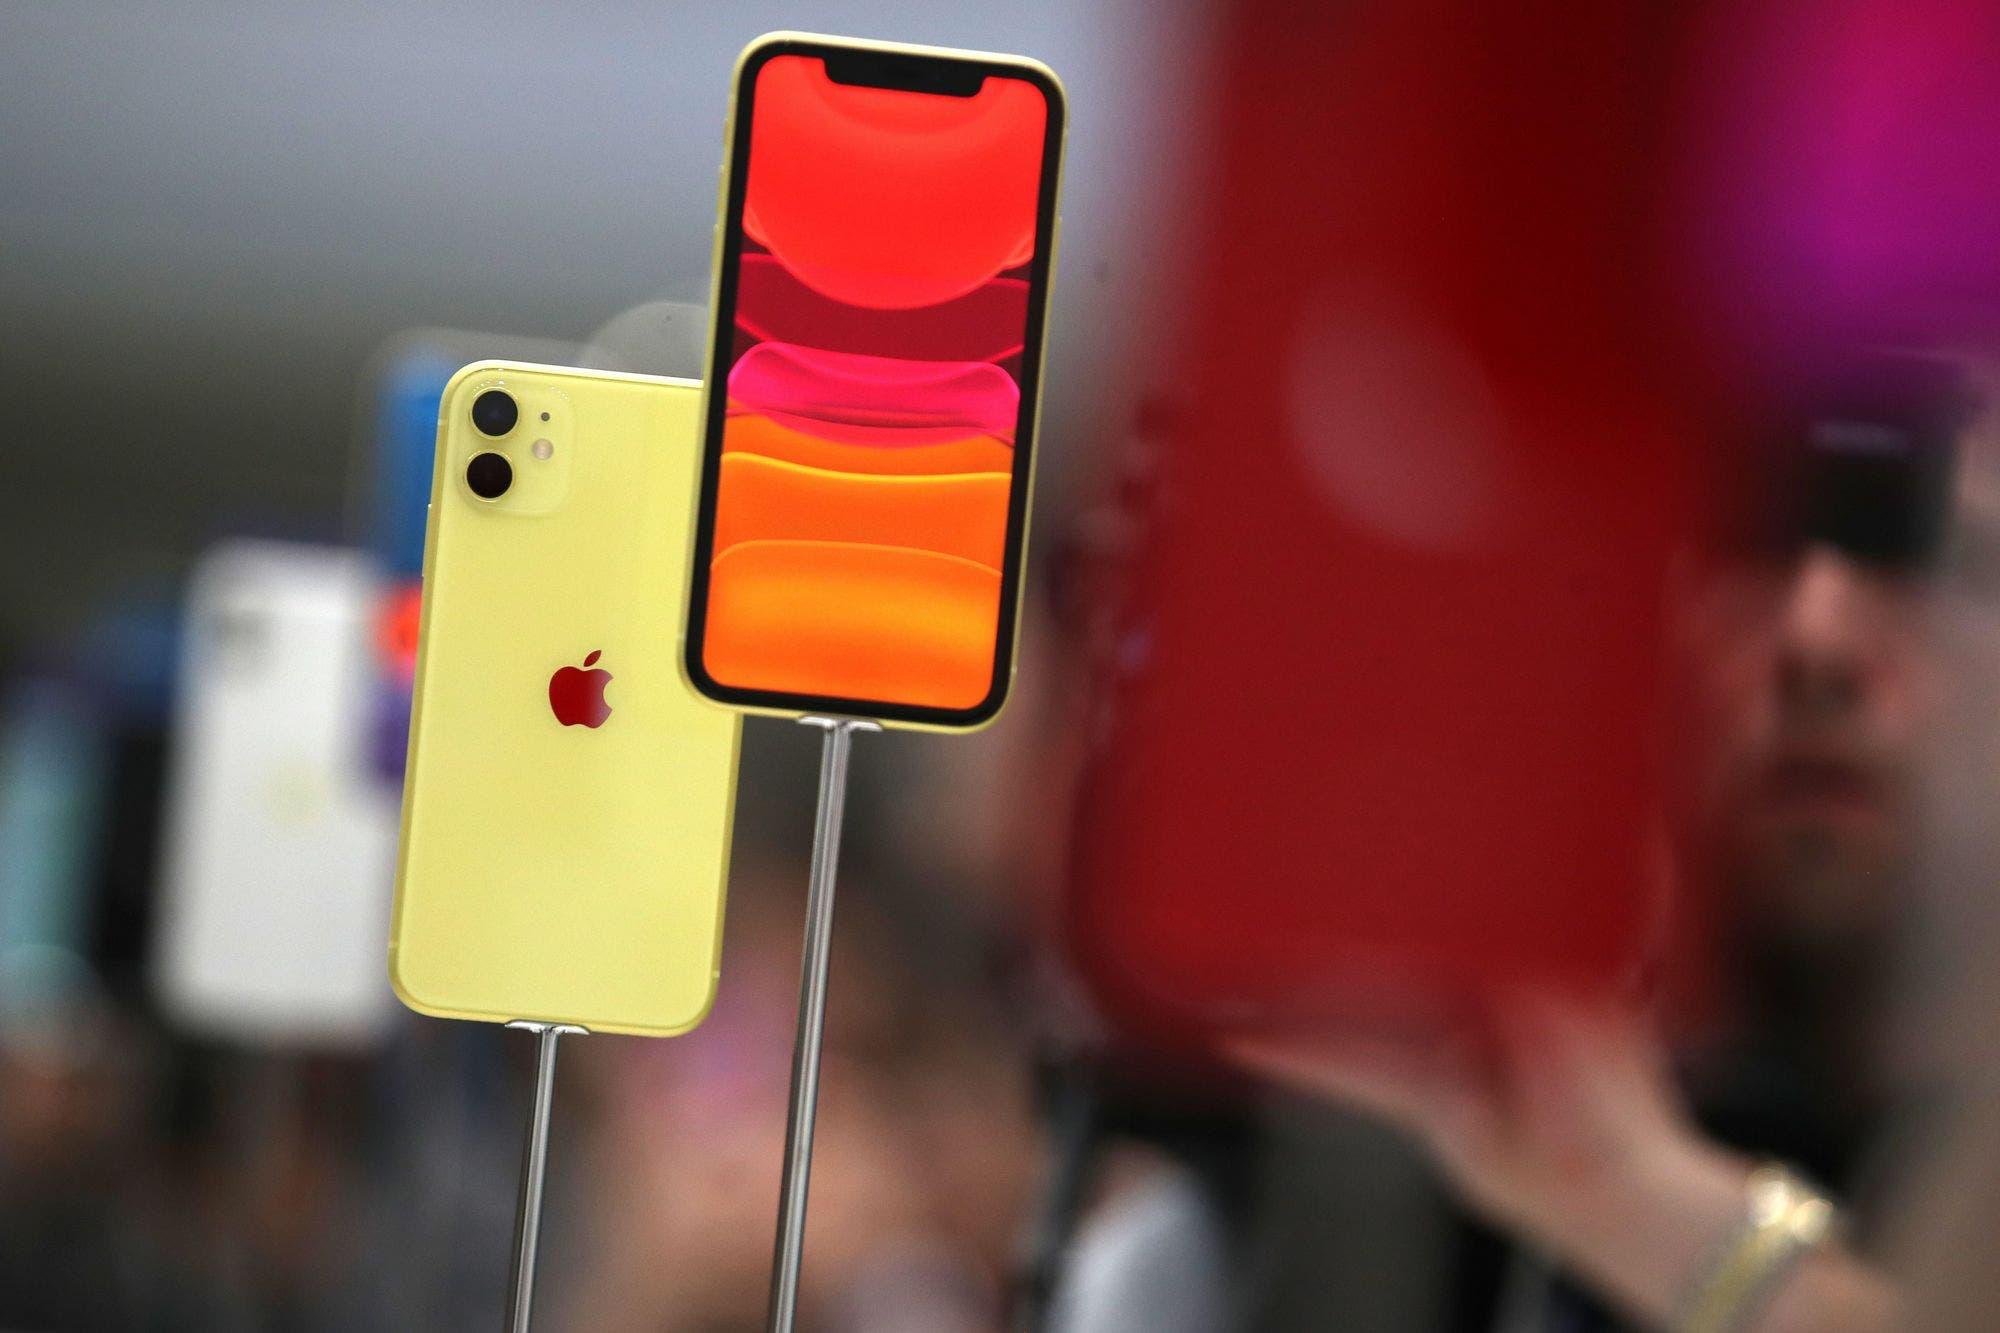 iOS 13: cuándo sale la actualización y cuáles son los teléfonos iPhone compatibles